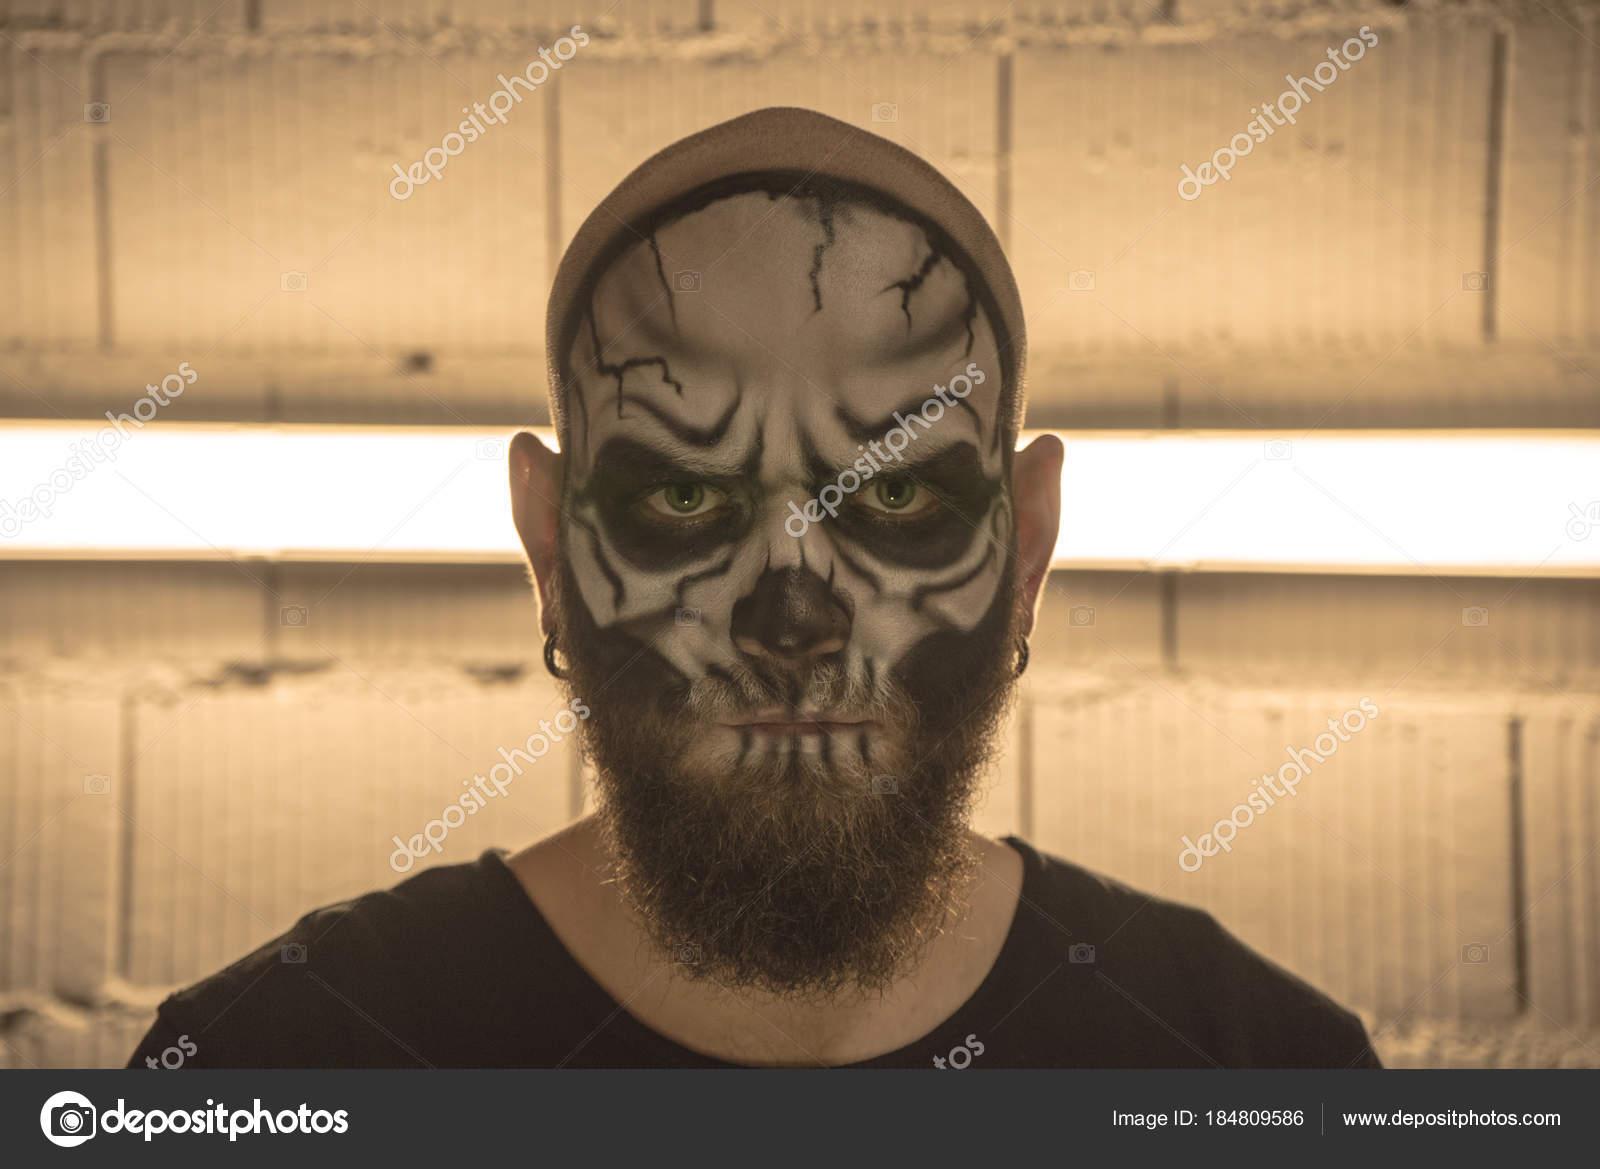 Un tipo Calvo con una barba con un cráneo de maquillaje. Un hombre con una  calavera de maquillaje. Un terrible retrato de un hombre. 1709260c731